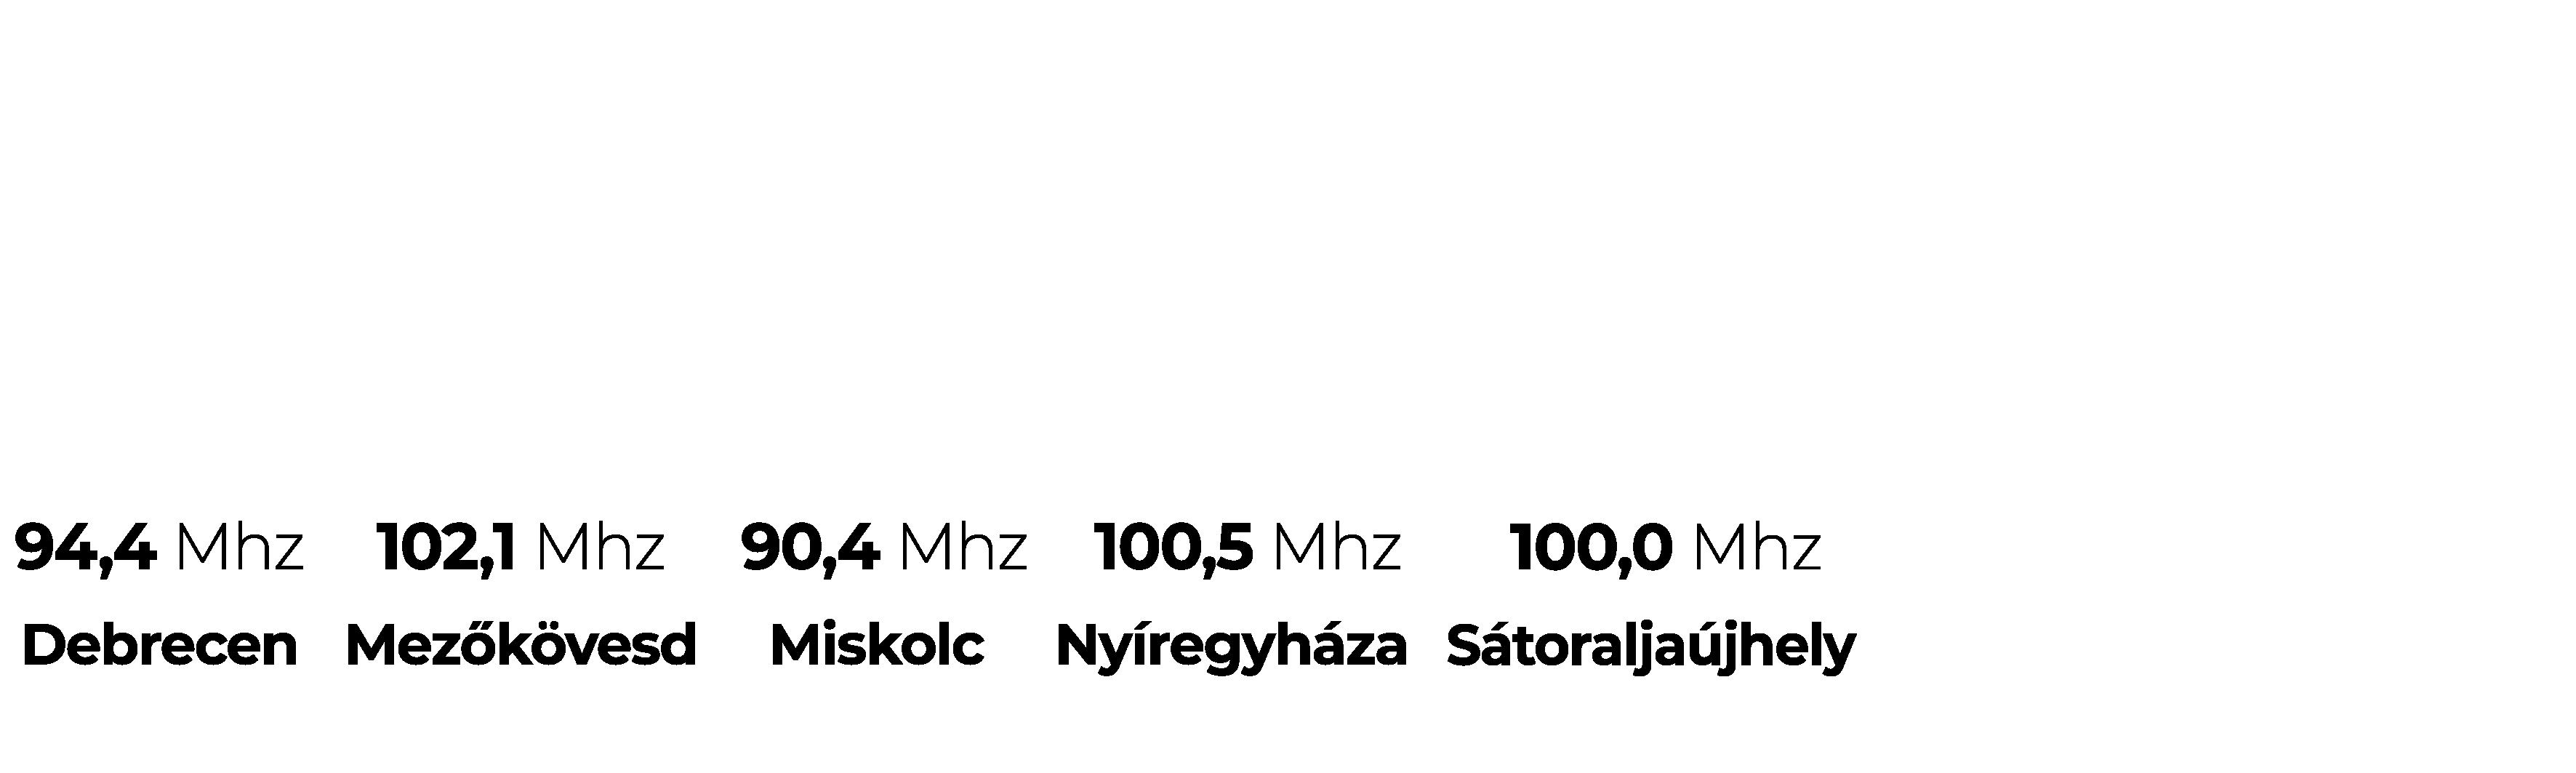 slide-logo-szetszedve-03.png